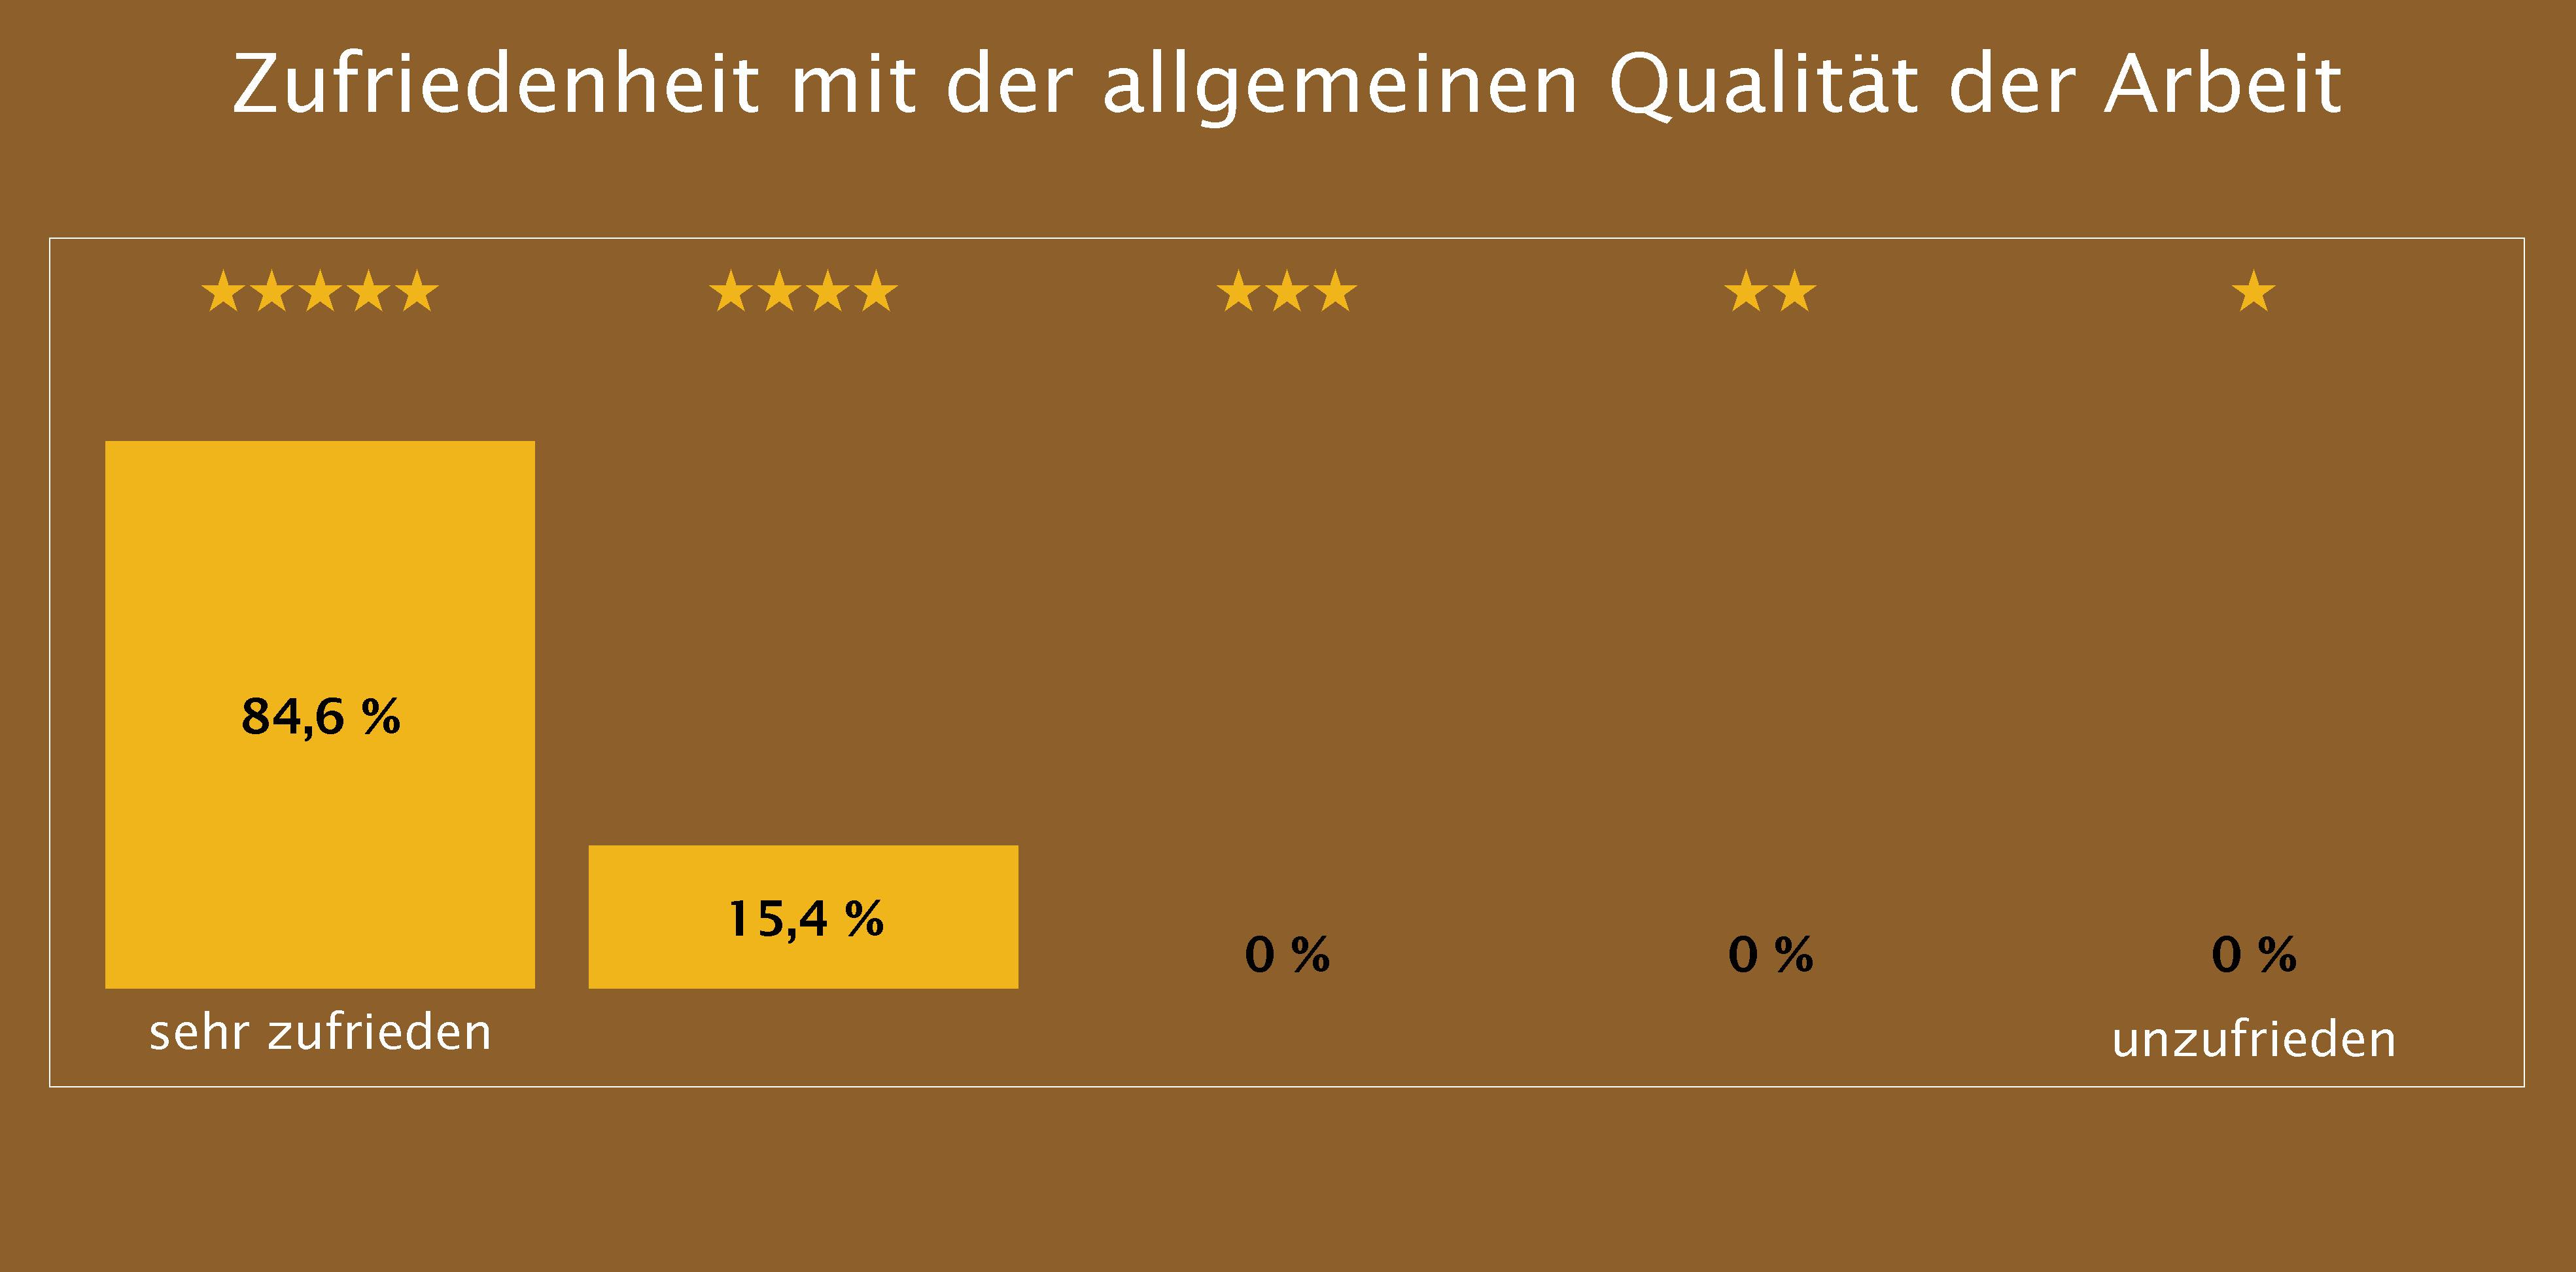 Zufriedenheit mit der allgemeinen Qualität der Arbeit